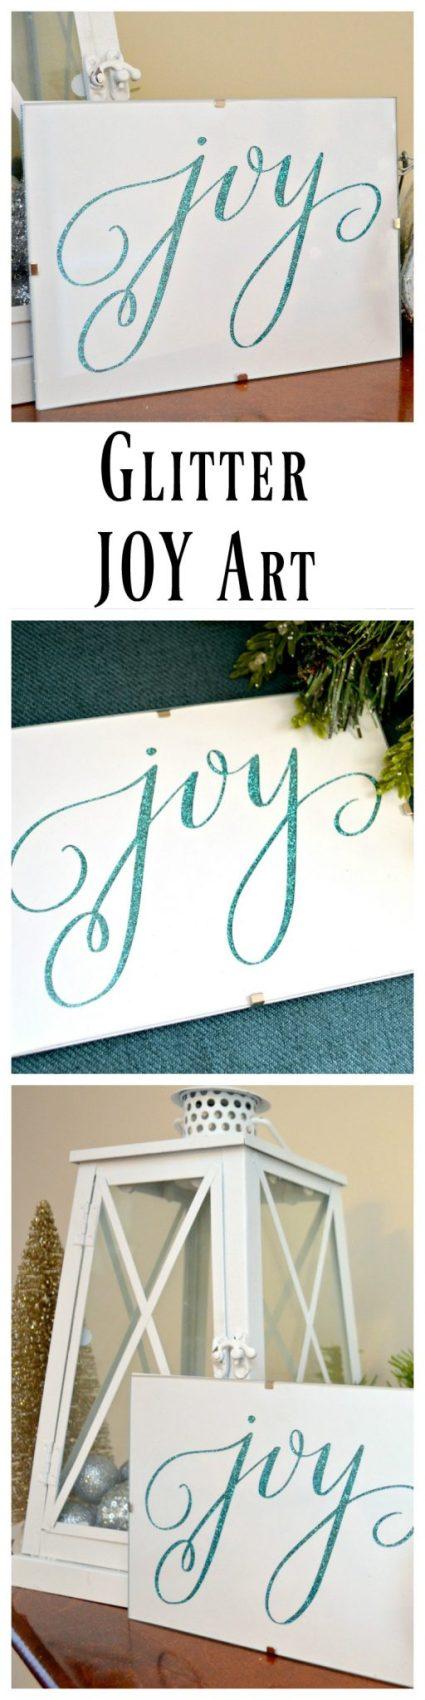 Glitter Joy Art for Christmas